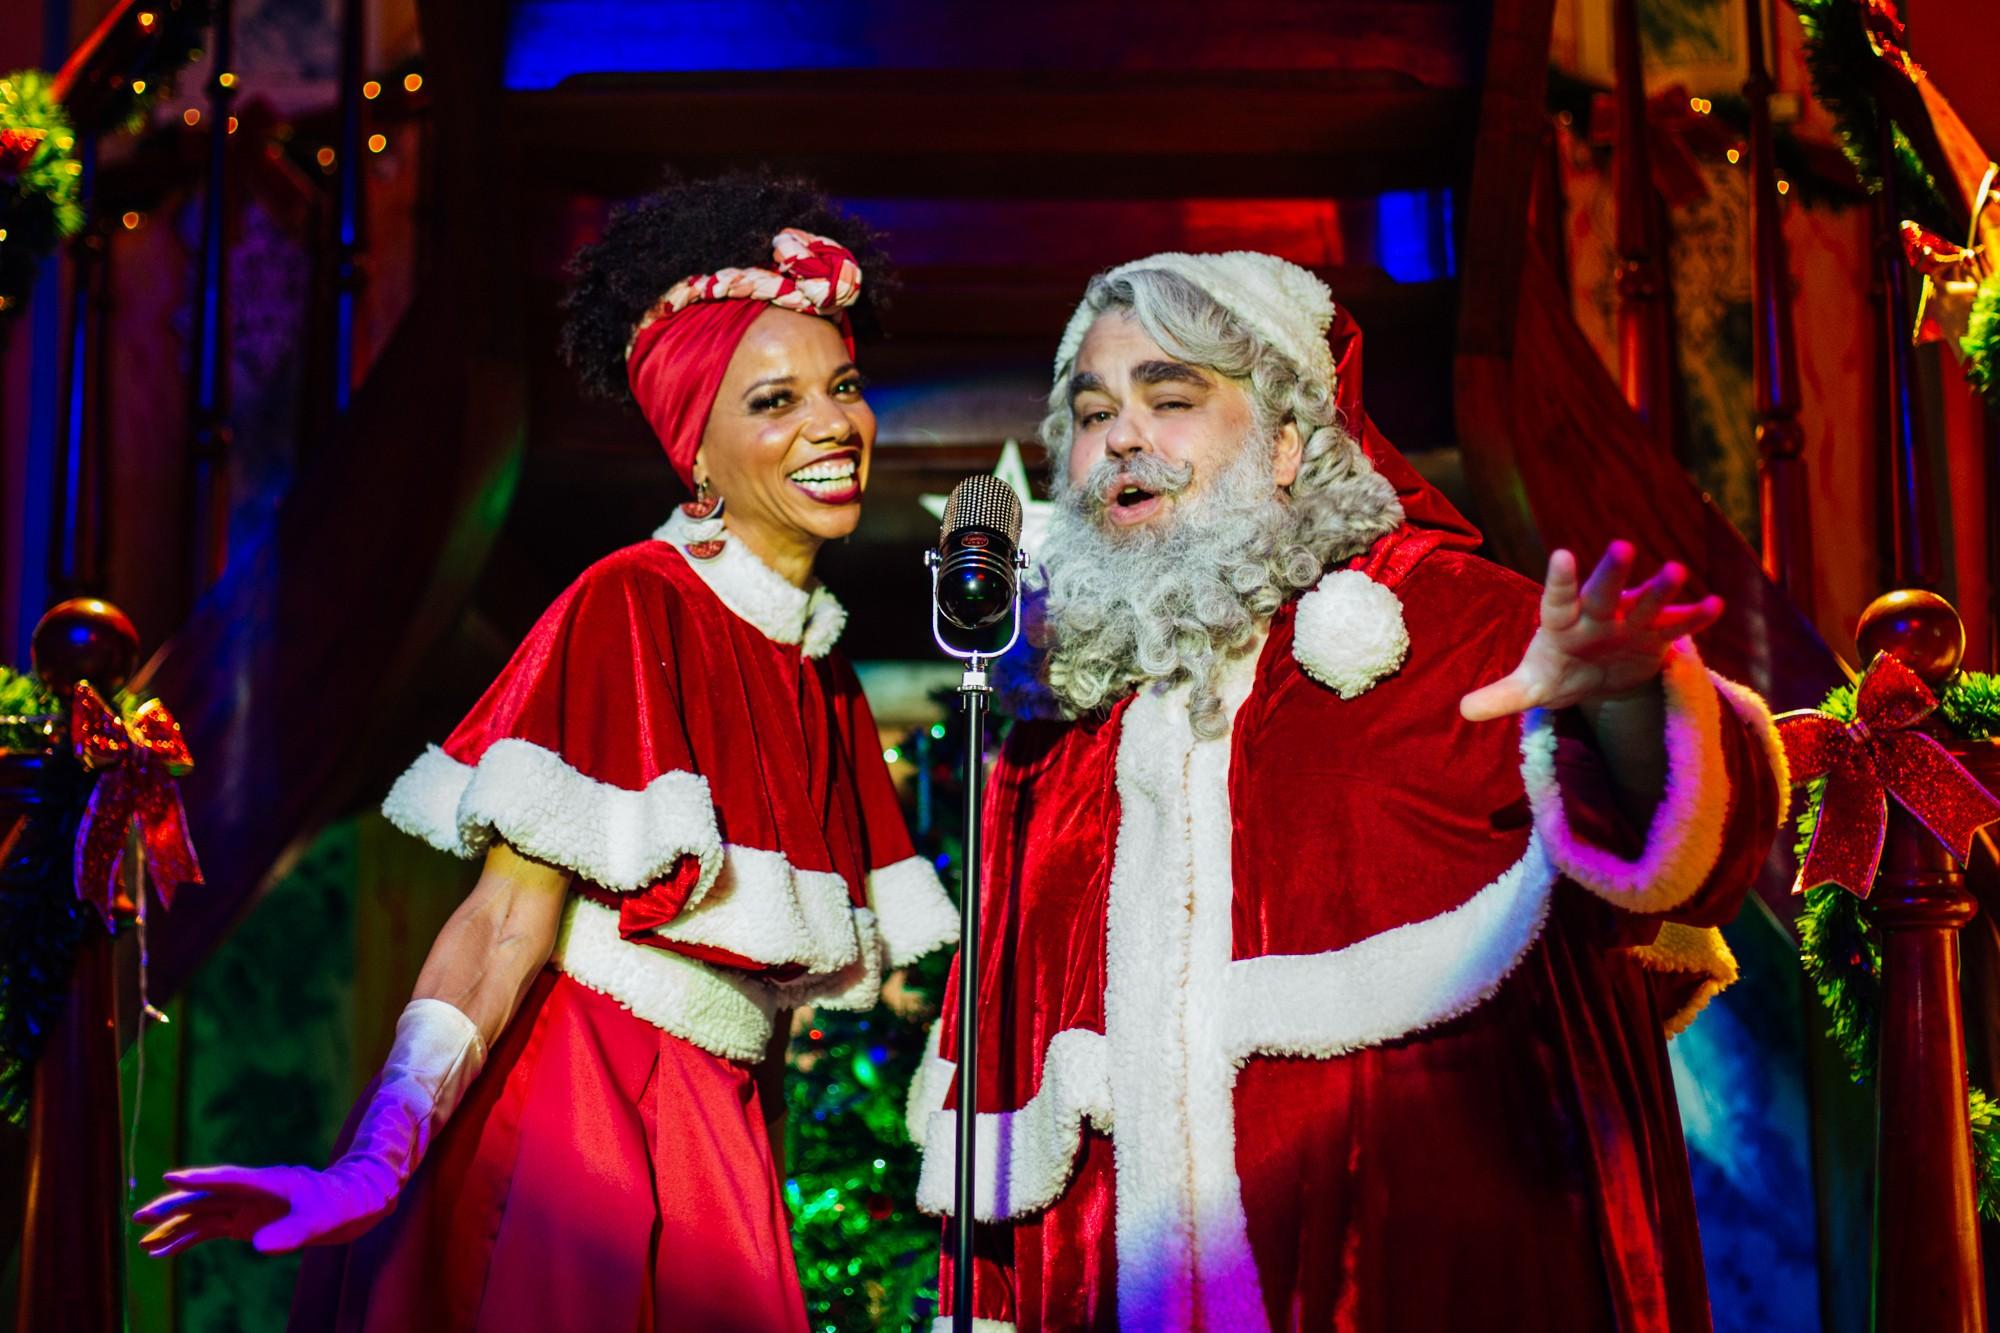 Minissérie inédita de Natal tem a primeira Mamãe Noel negra; 'representatividade importa e importa muito', afirma atriz